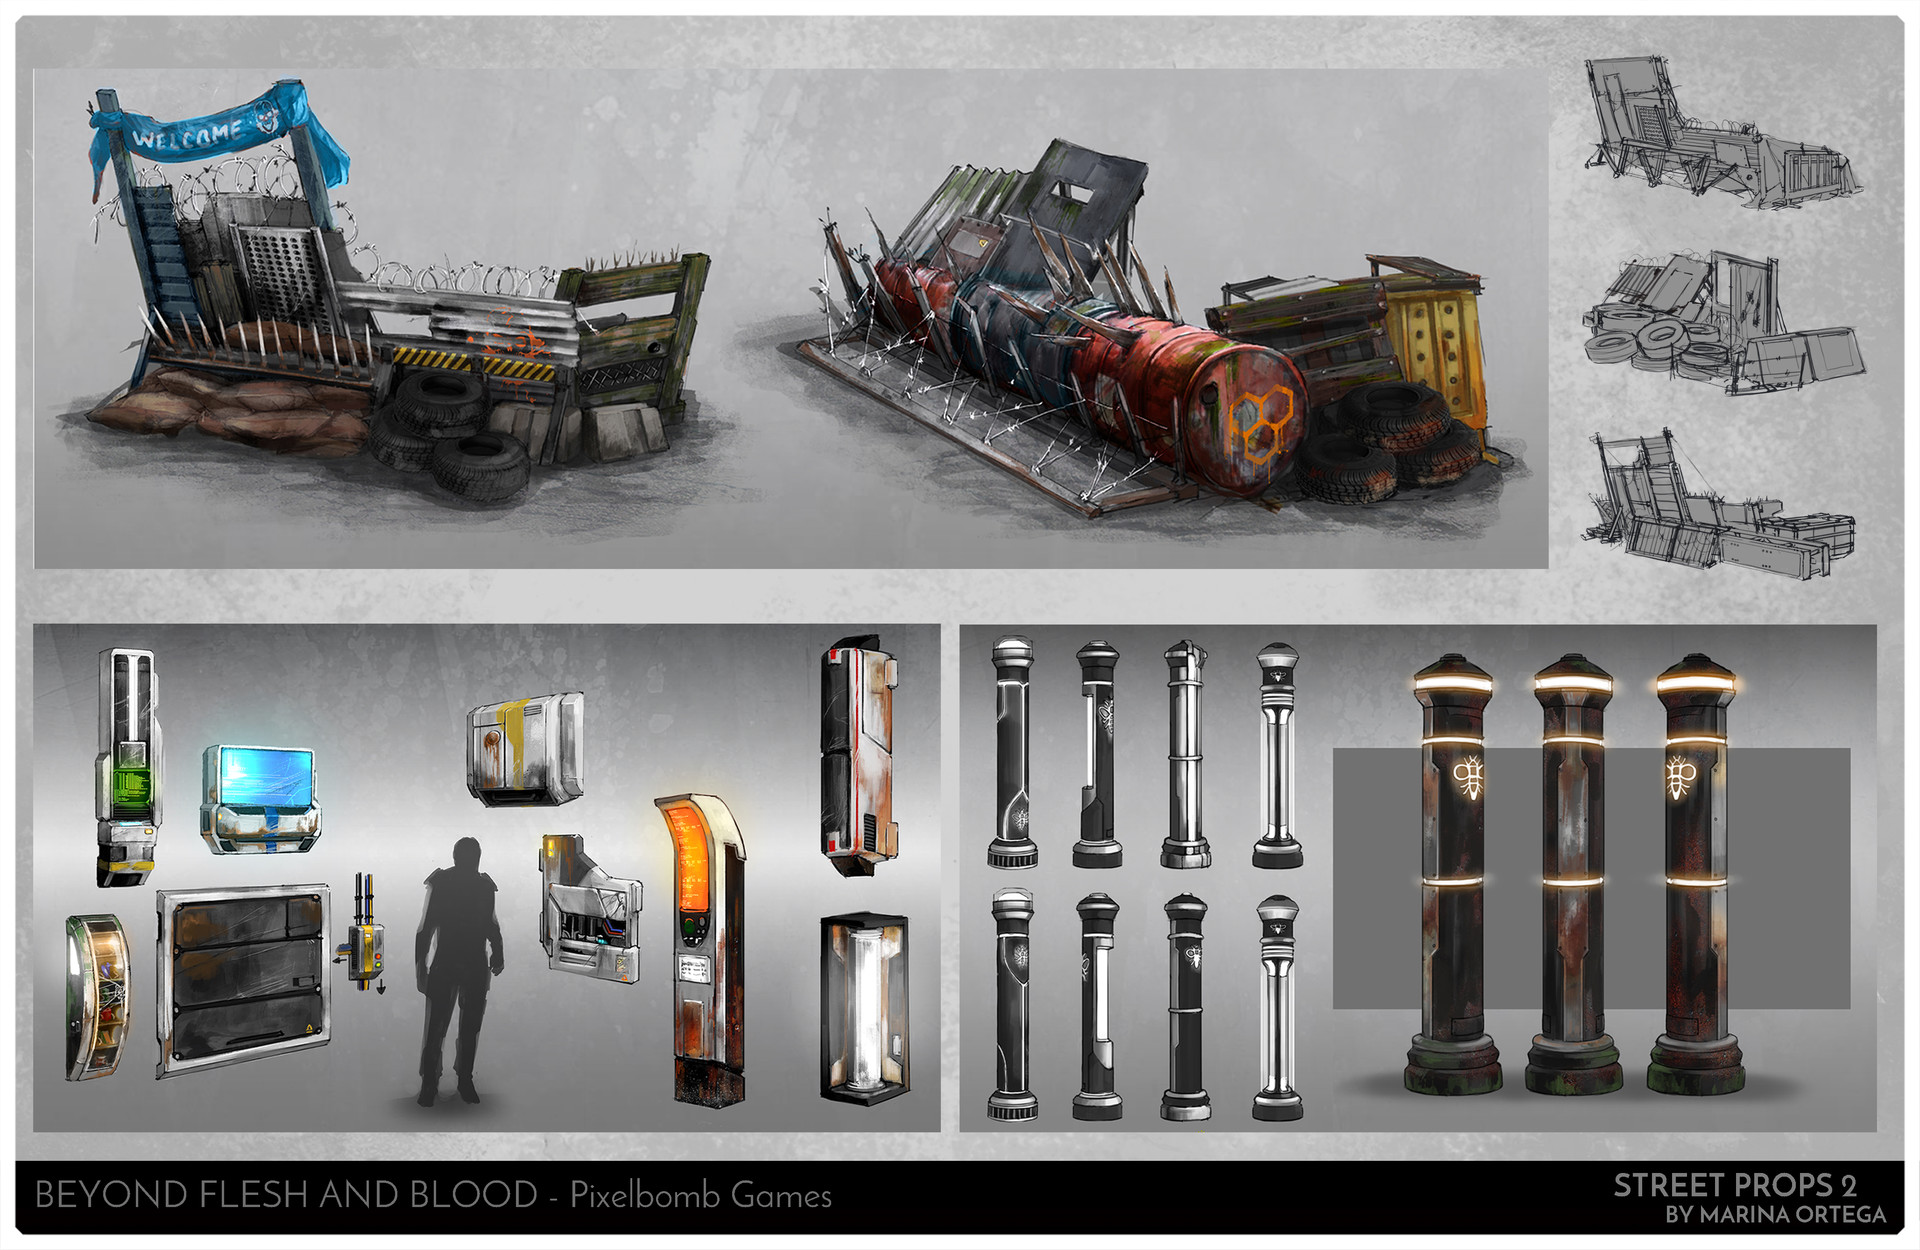 Marina ortega www artofmarinaortega com concept art page7 streetprops2